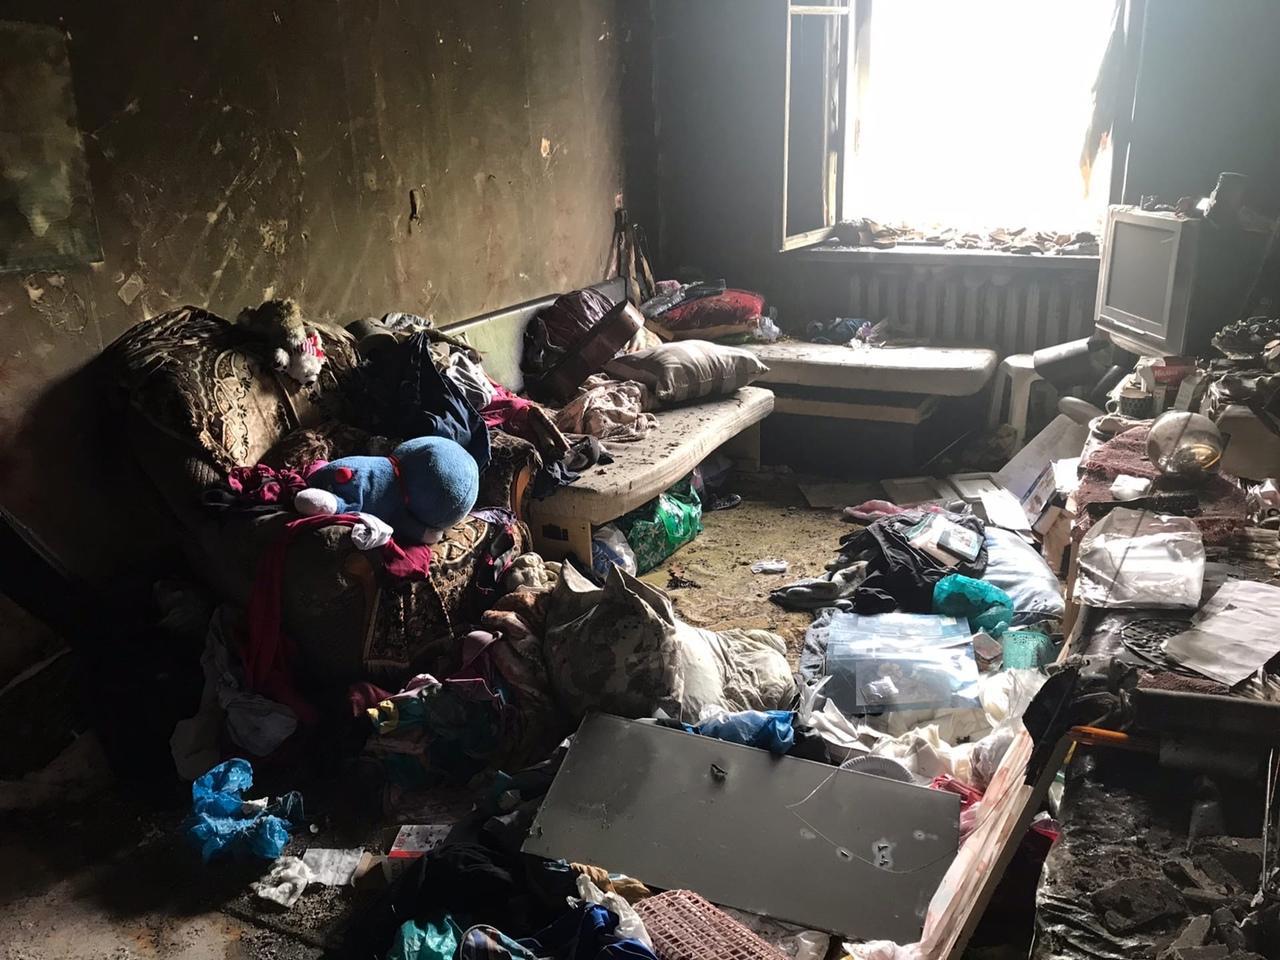 фото «Устроили балаган на весь дом, полиция не приехала»: что известно о пожаре с тремя погибшими в Новосибирске 7